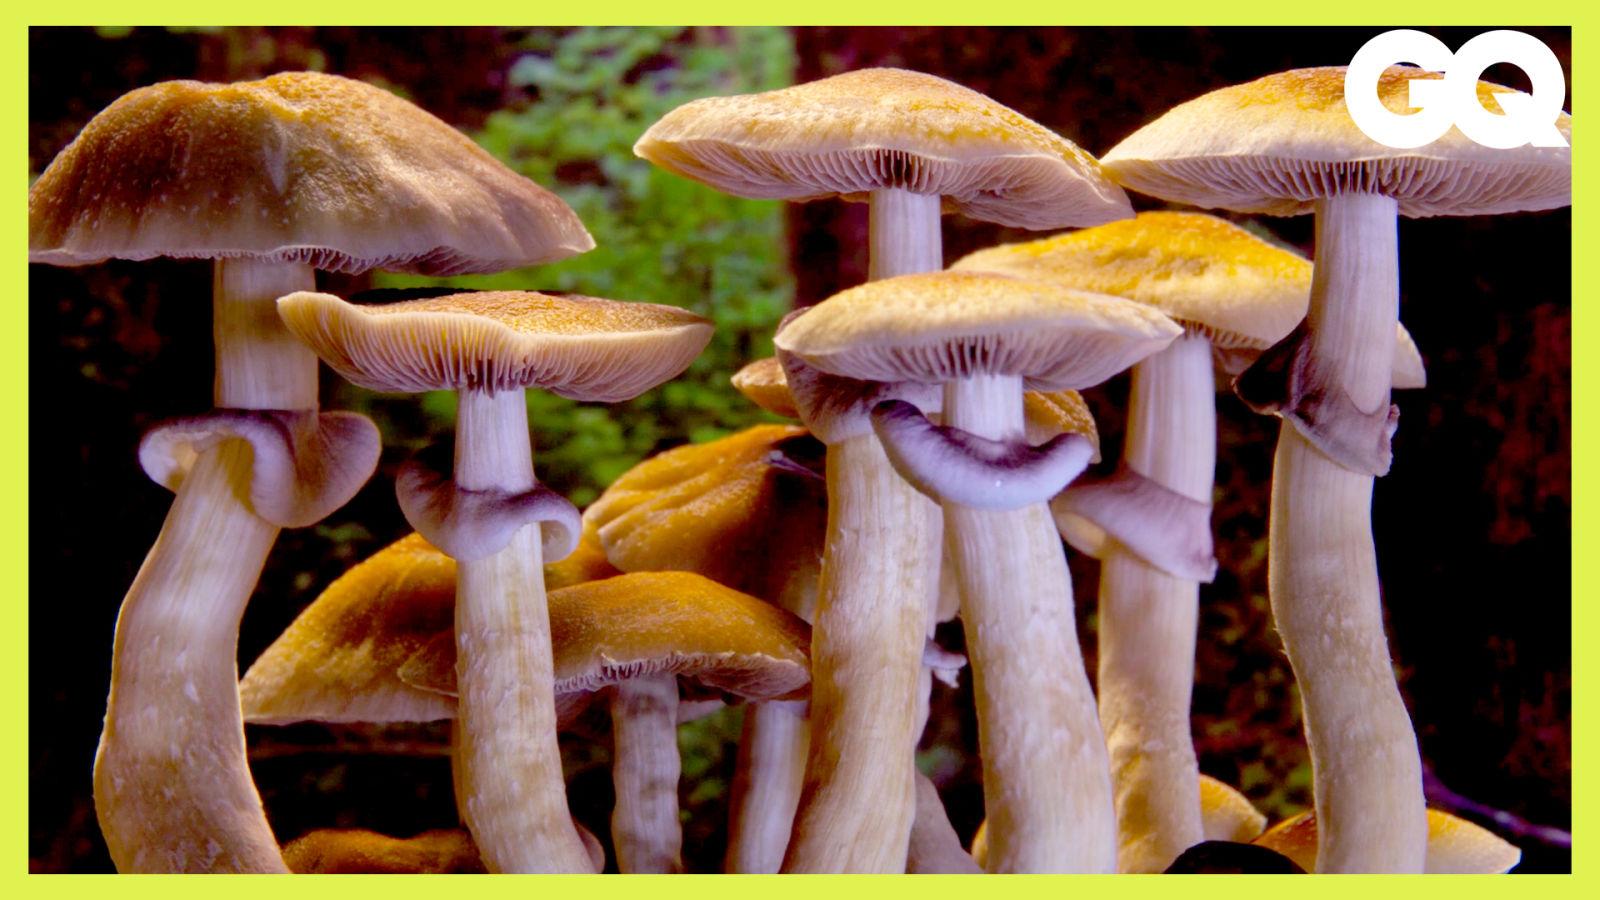 Netflix推蕈菇縮時影片看點在哪?療癒片《美妙蕈菇》製作團隊揭秘 How Mushroom Time-Lapses Are Filmed|科普長知識|GQ Taiwan